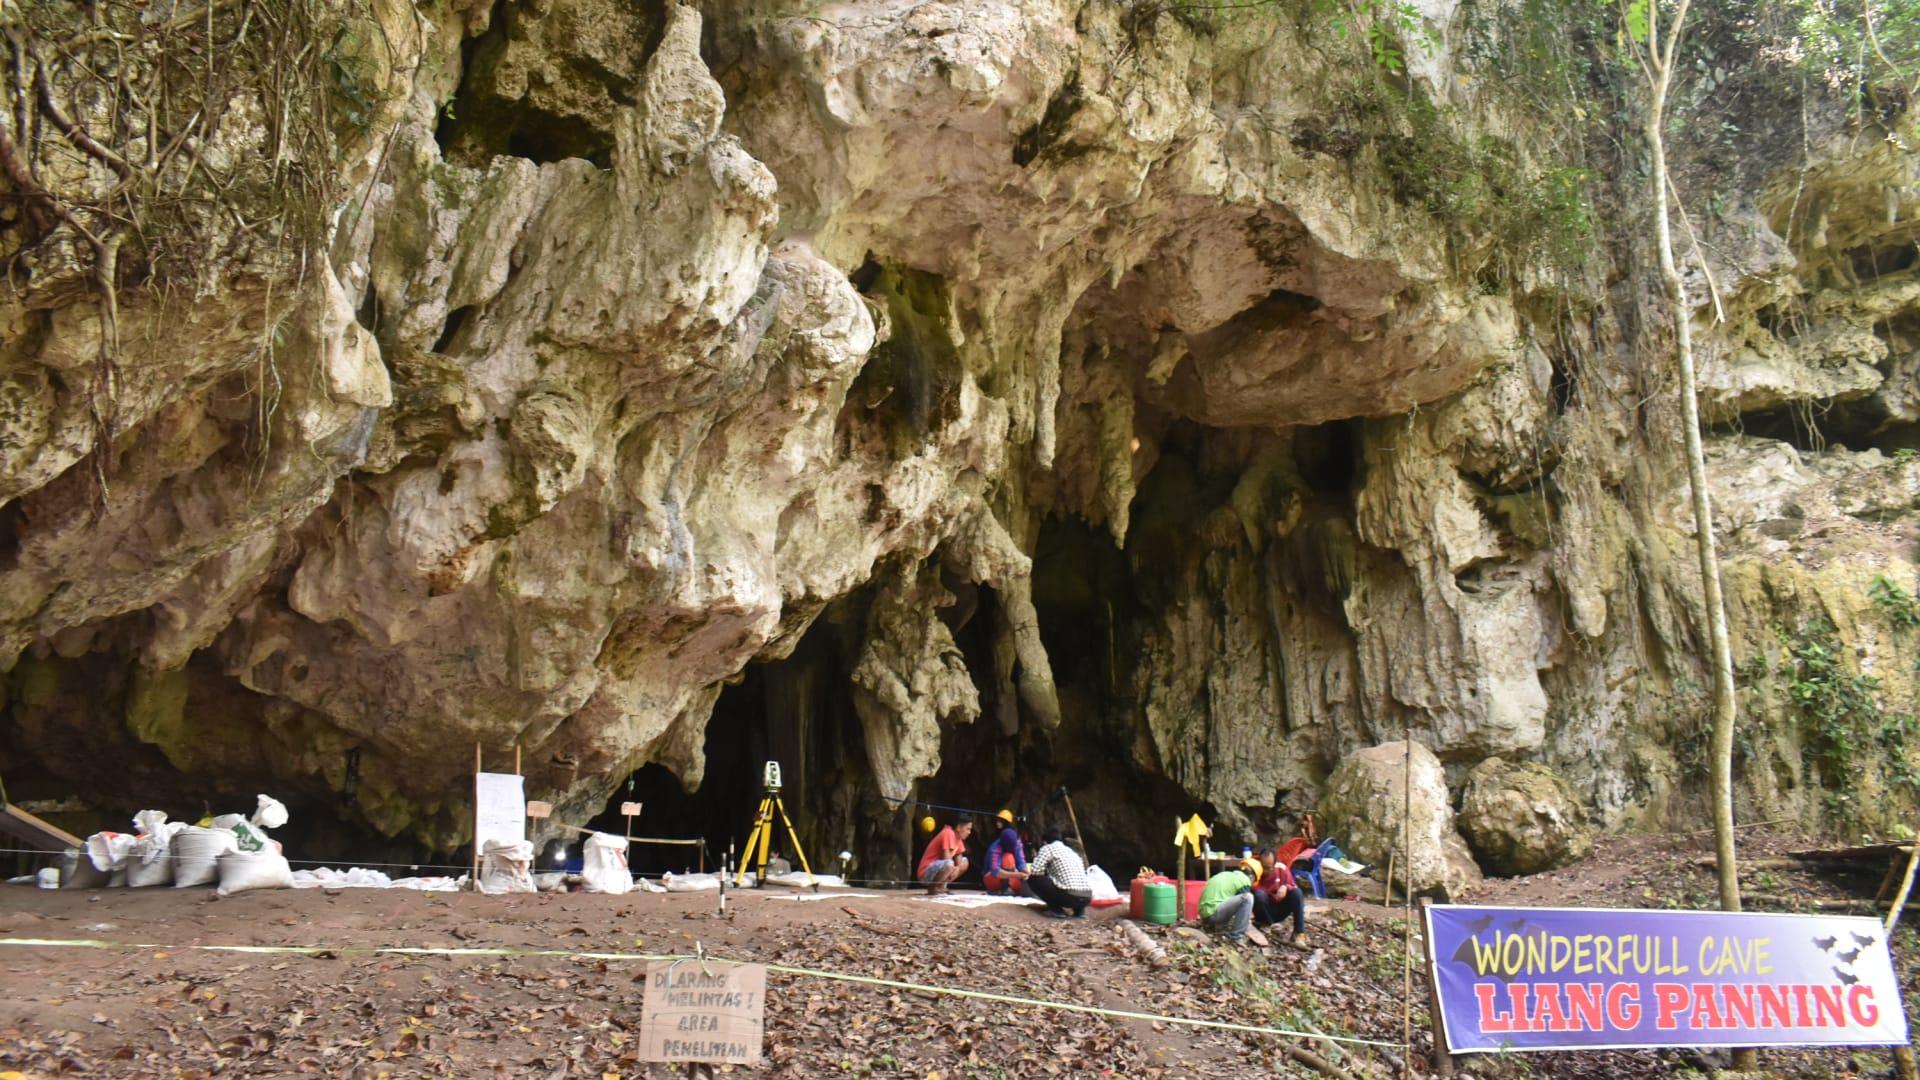 الكشف عن مجموعة من البشر لم تكن معروفة من قبل بفضل حمض نووي من عظام مراهقة في جزيرة إندونيسية